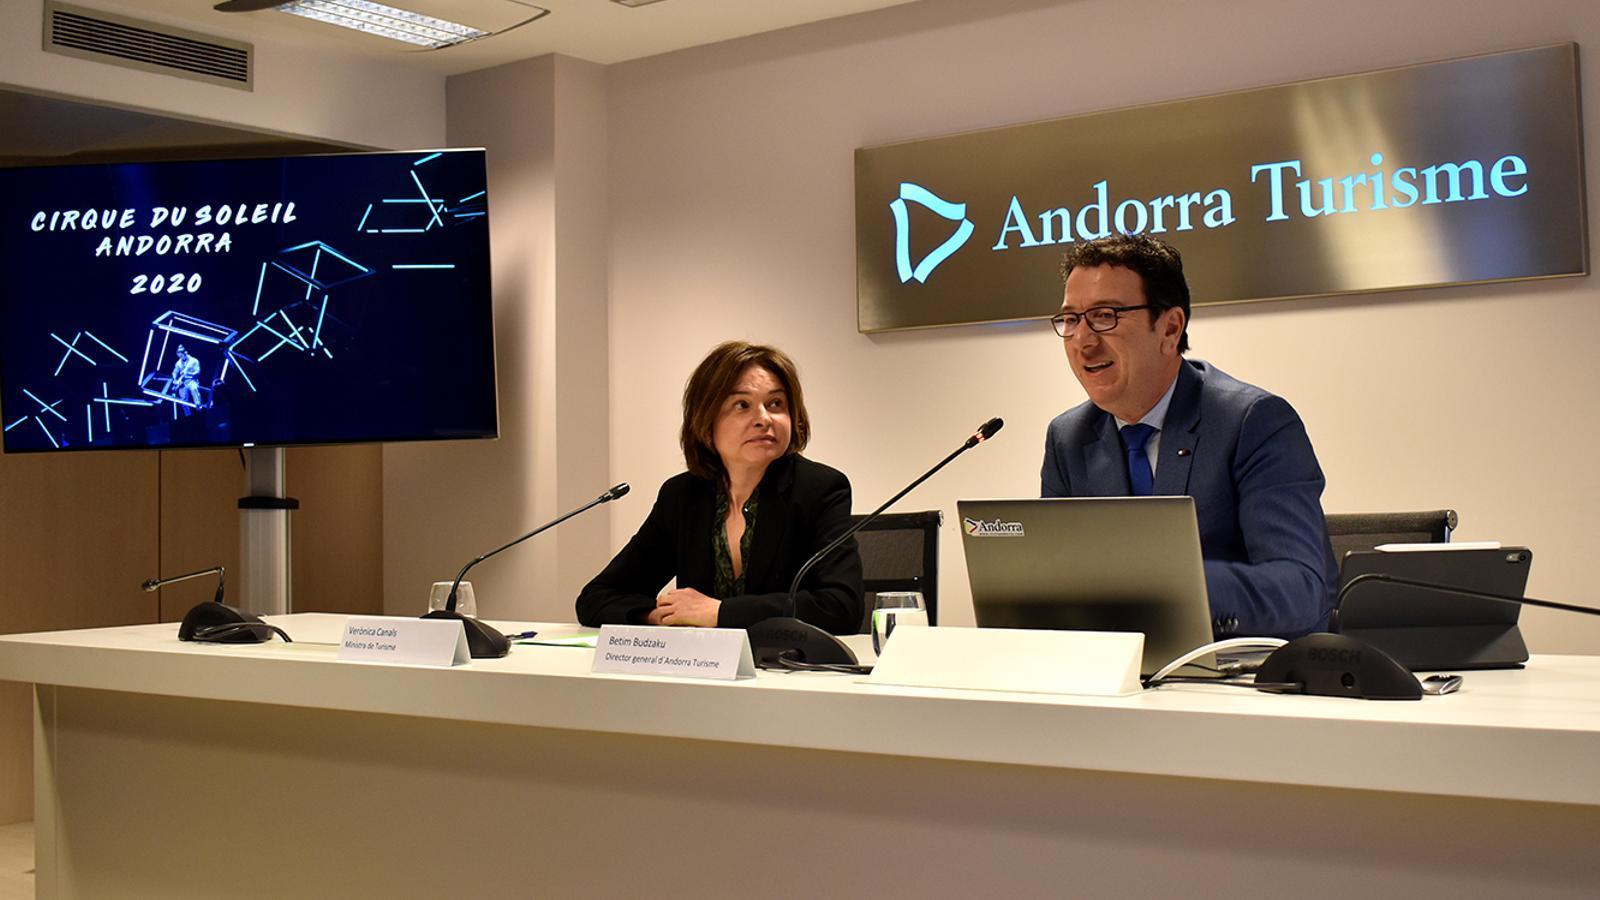 La ministra de Turisme, Verònica Canals, i el director general d'Andorra Turisme, Betim Budzaku, durant la roda de premsa. / M. F. (ANA)